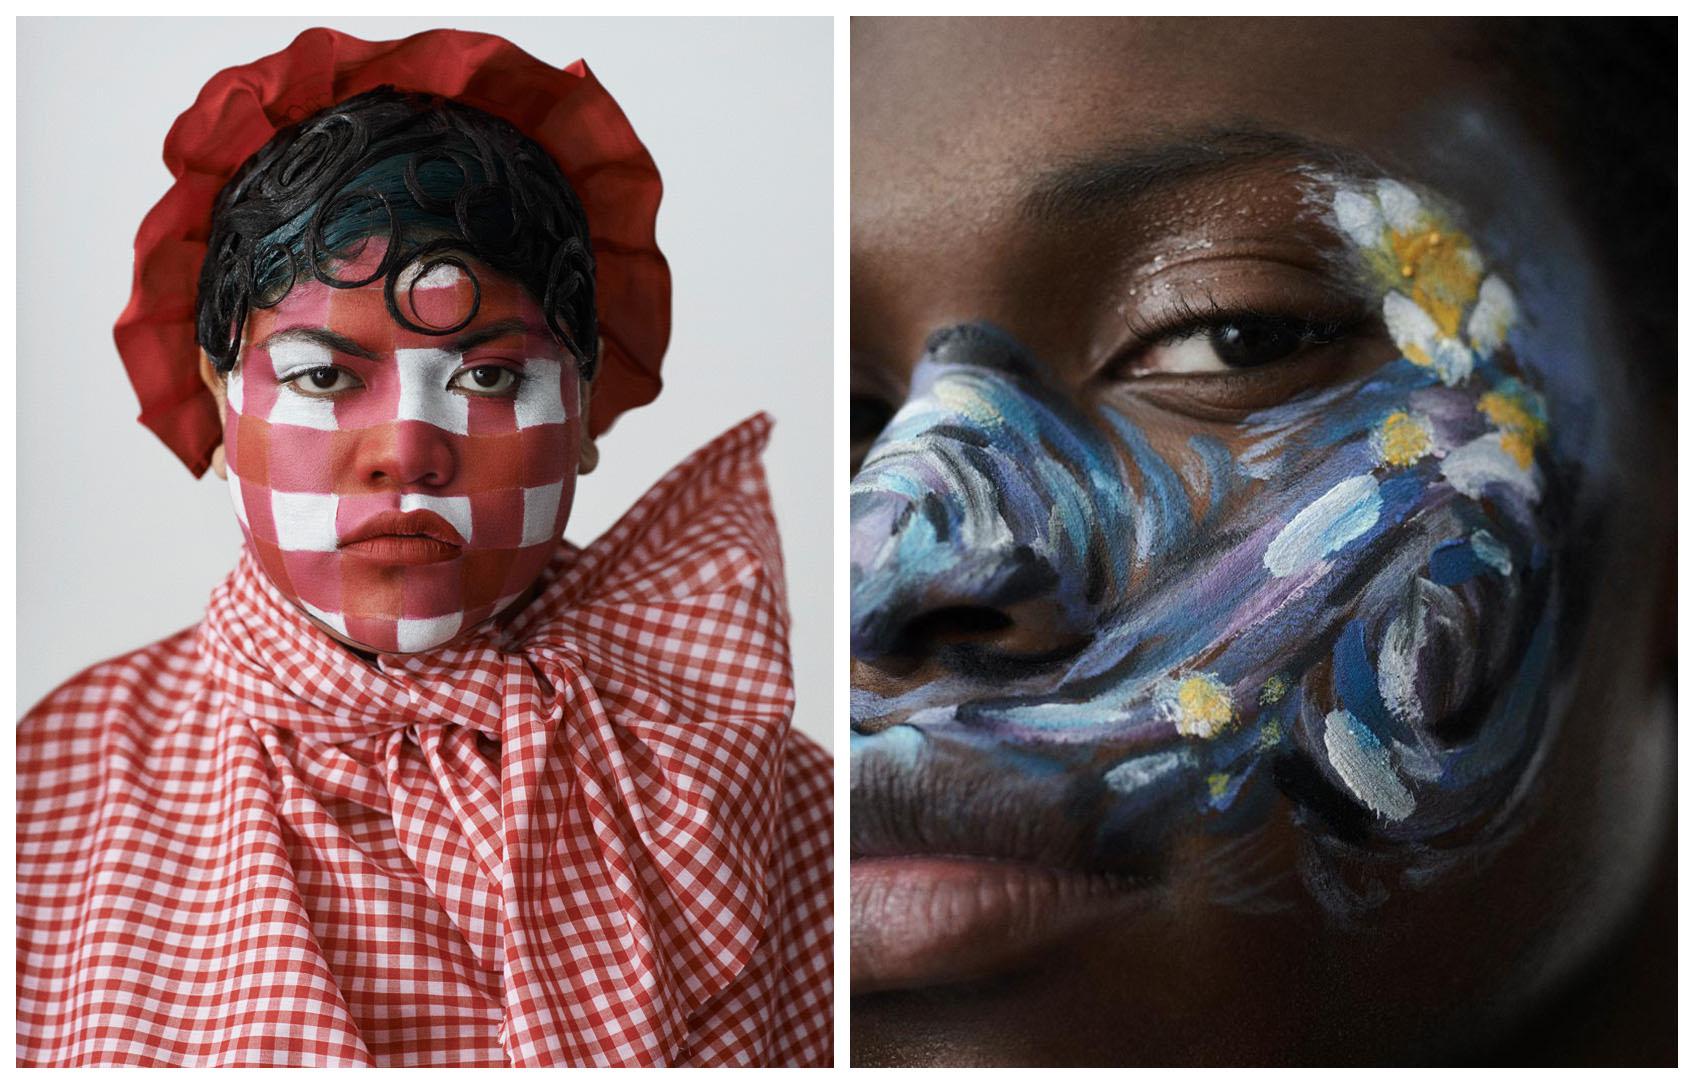 فیبی والترز، اثری رنگین بر چهرهی زیبایی خلق میکند